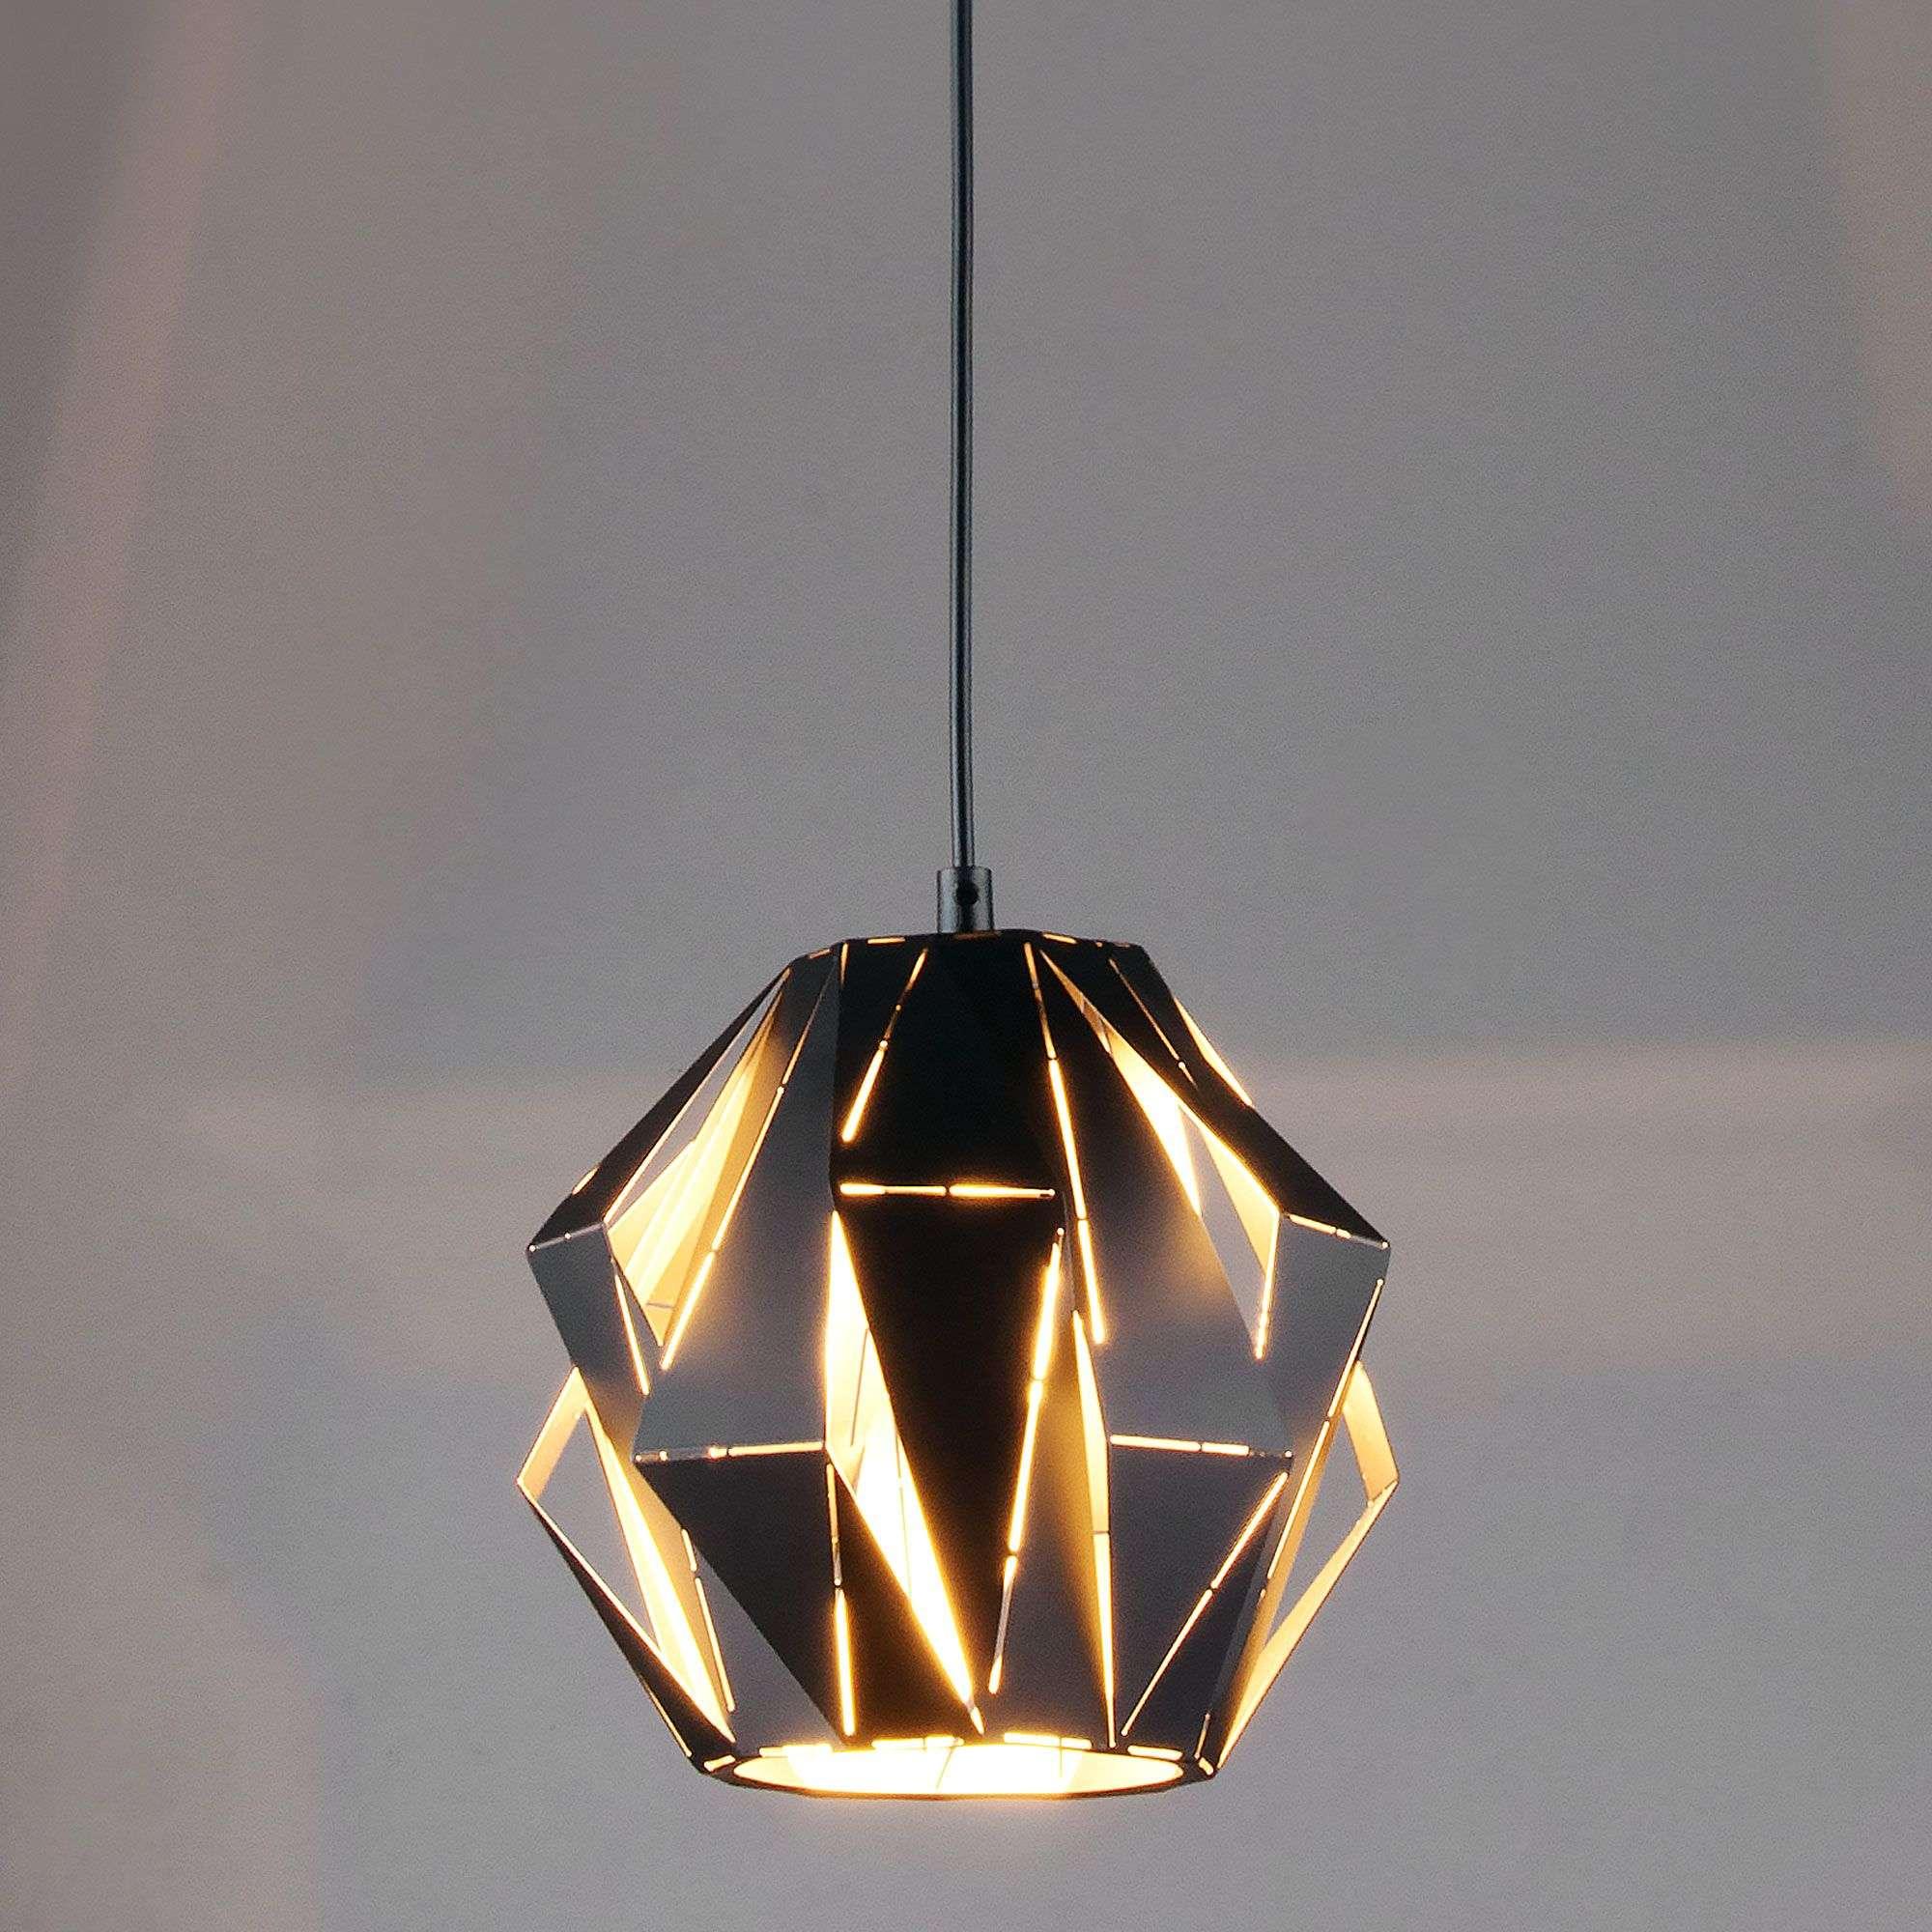 Светильник подвесной матовый в стиле лофт 50137/1 черный